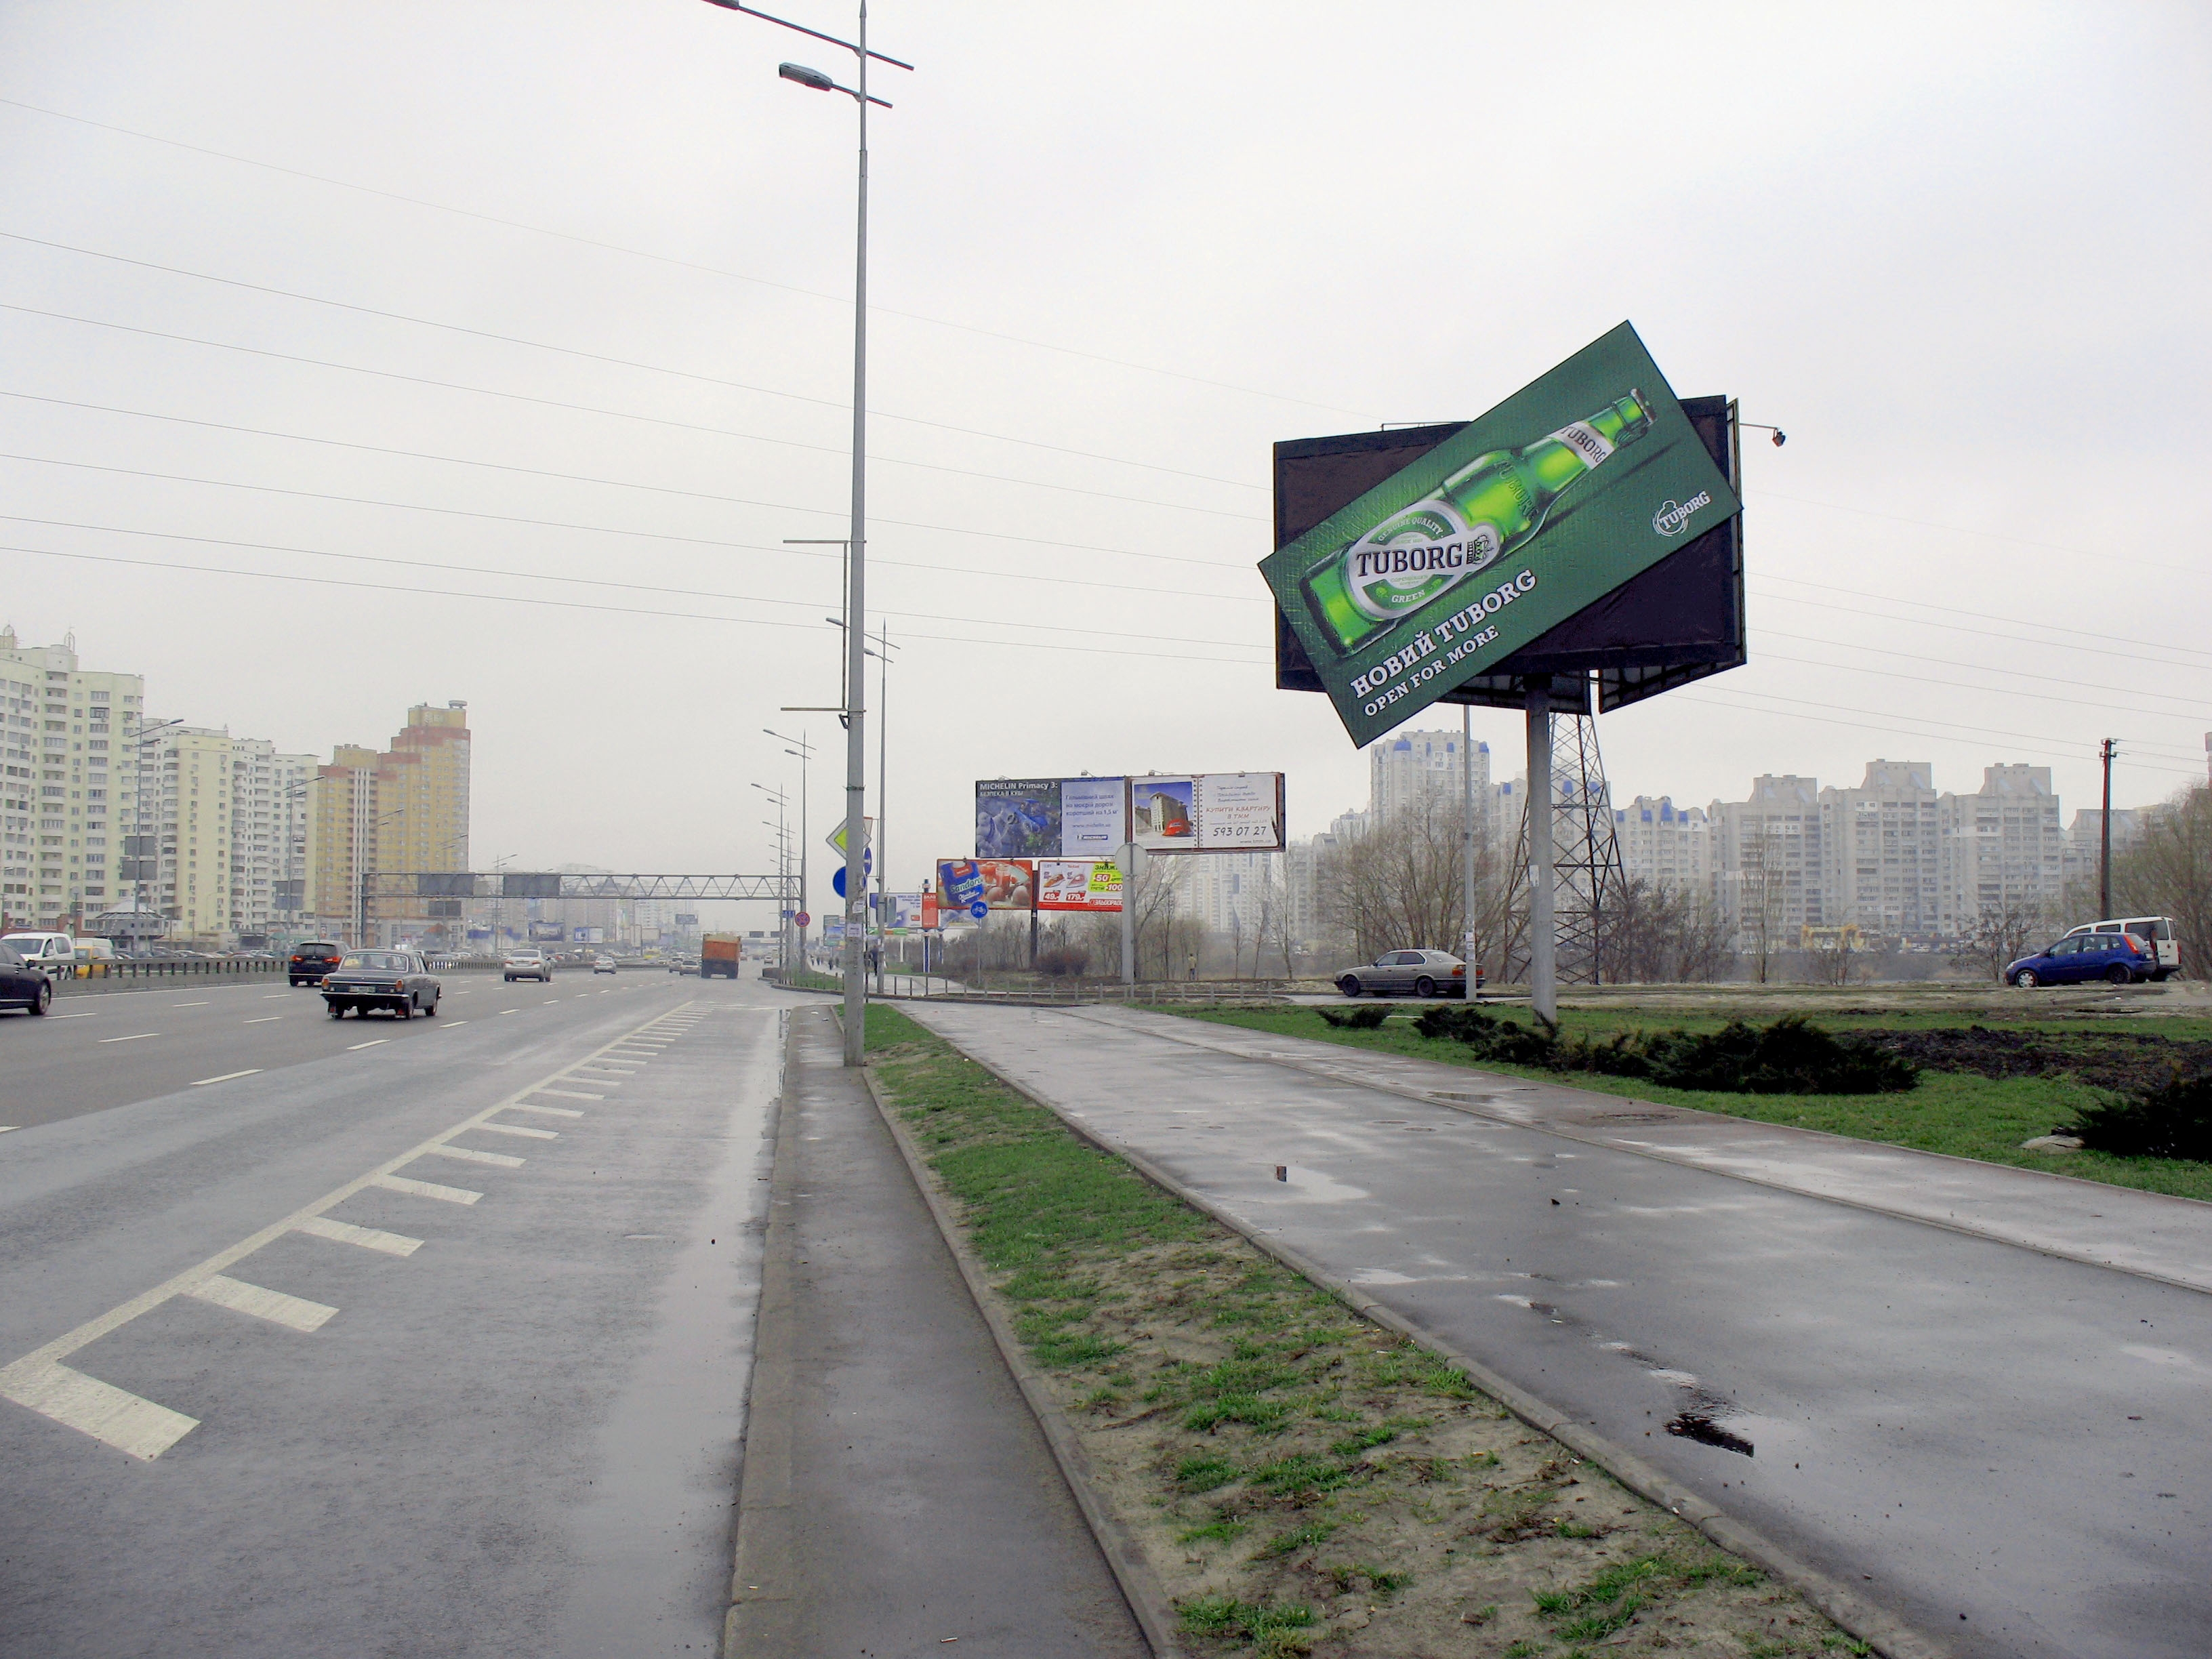 13 апреля стартовала инновационная рекламная кампания в поддержку перезапуска пива TM Tuborg.